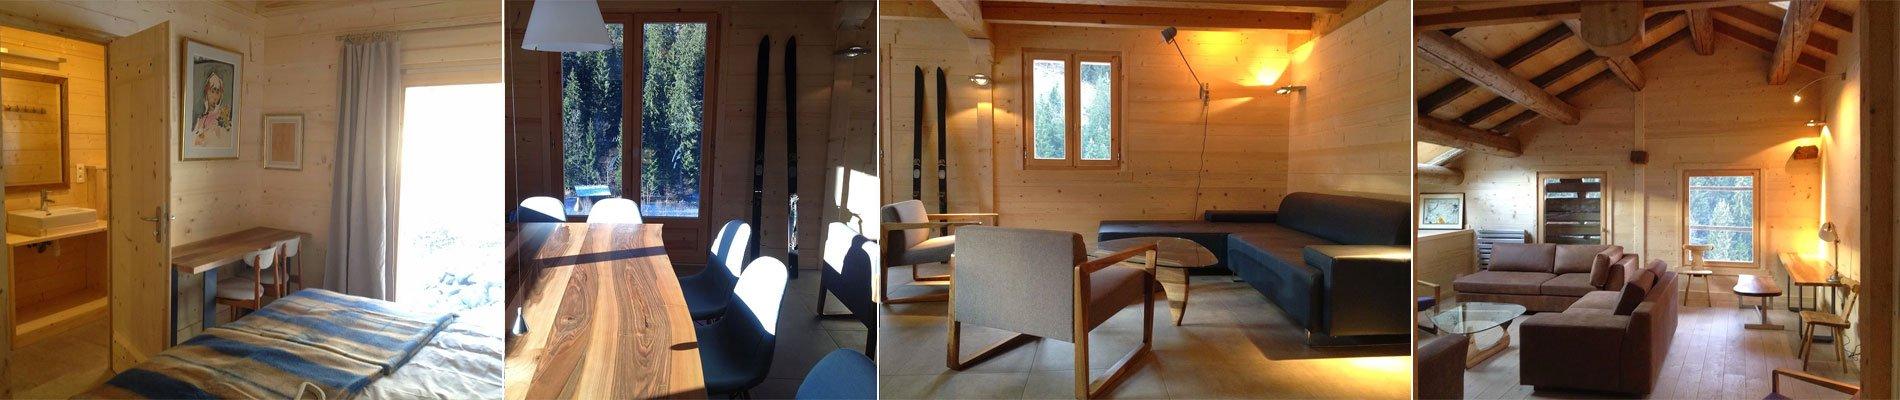 Het comfortabele chalet ligt aan de rand van het dorpje arèches. het bestaat uit twee aparte accommodaties ...